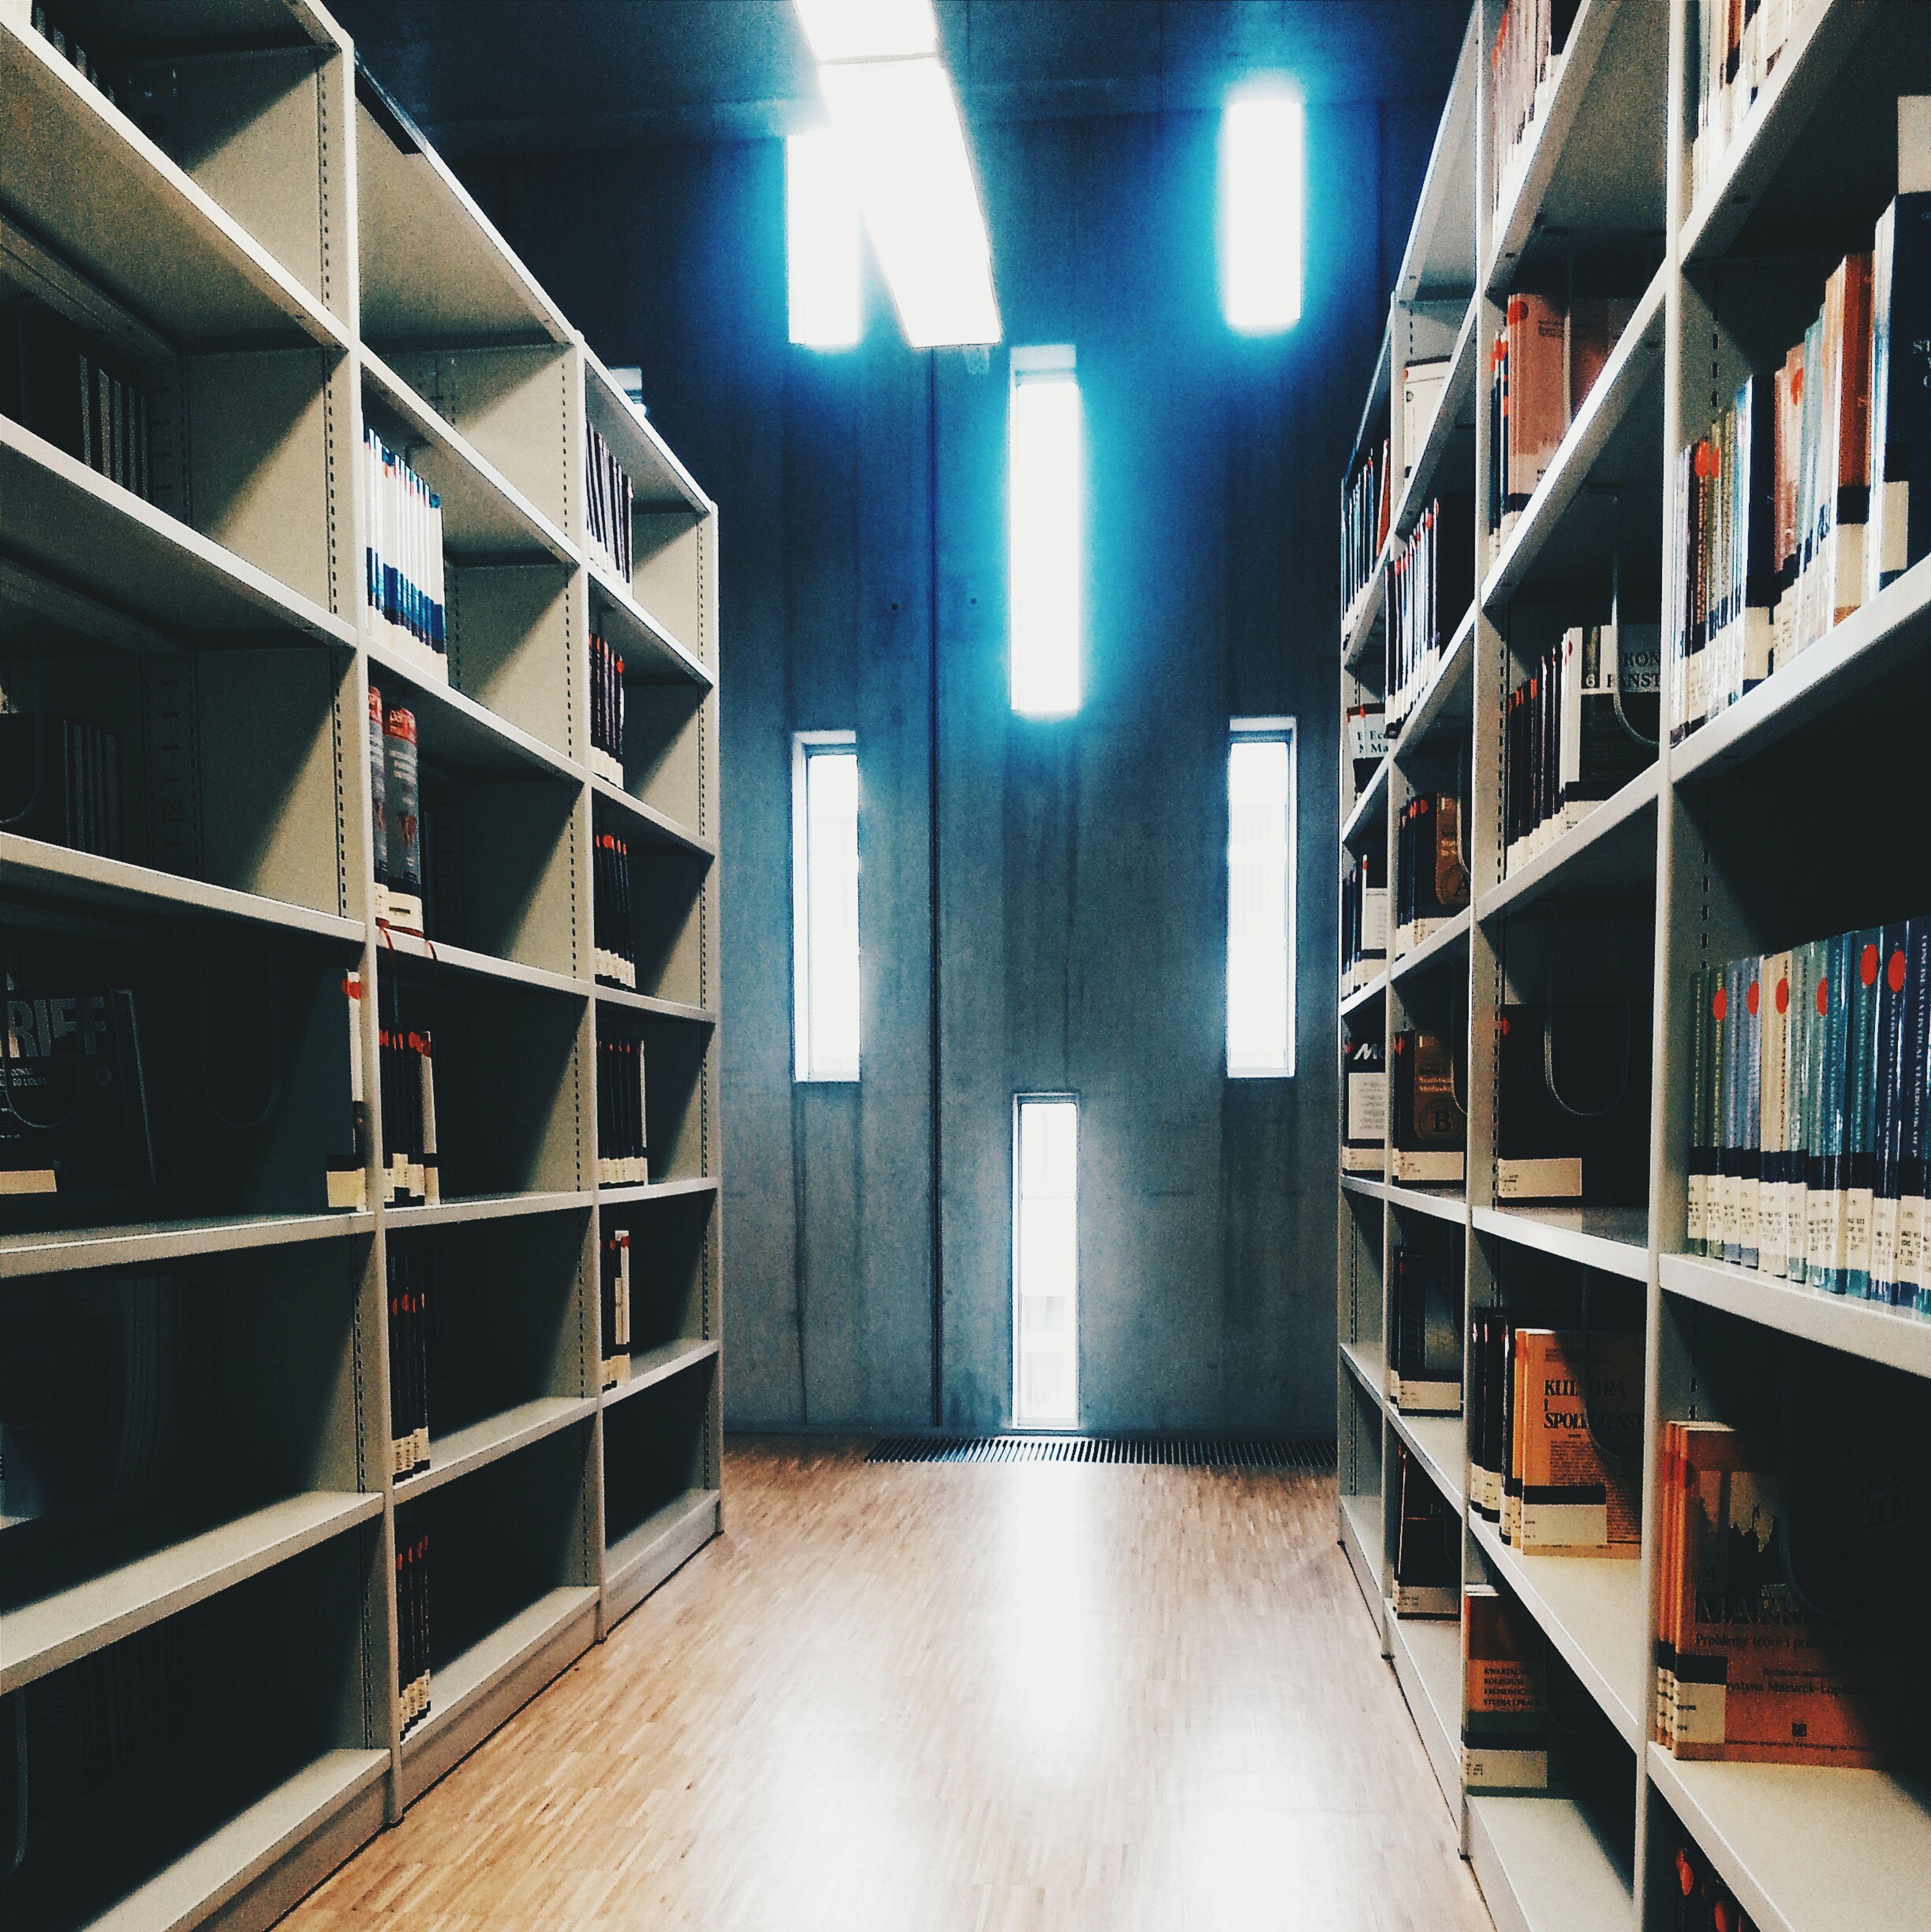 Library Books Study Poland Silesia Katowice